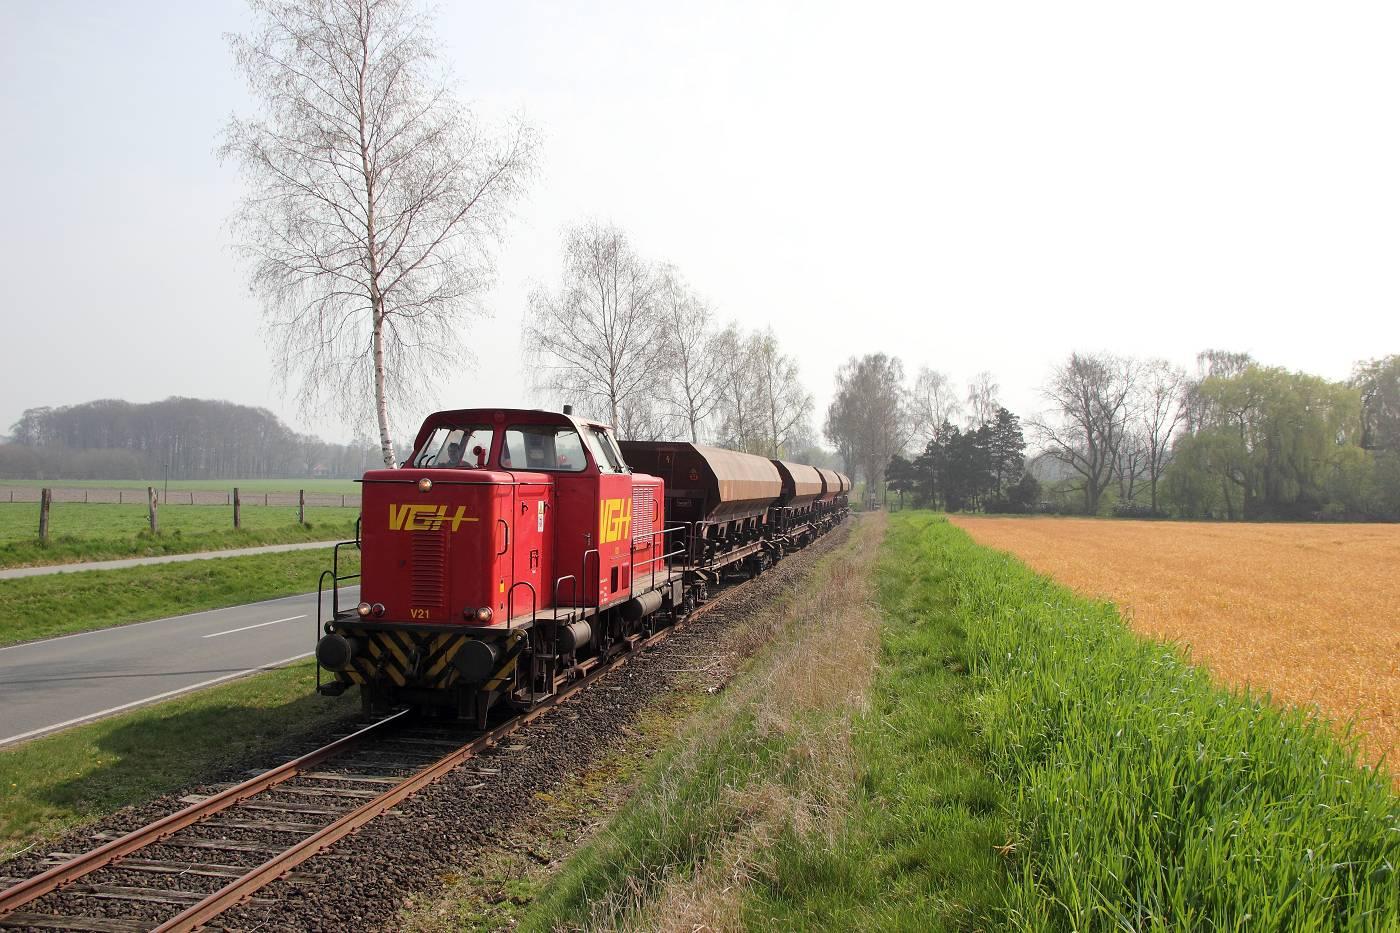 http://www.nachtbahner.de/fotos/2014-04-03%20Mittelwesertour/k-IMG_2313%20Mittelwesertour%2003.04.14%20(6).JPG